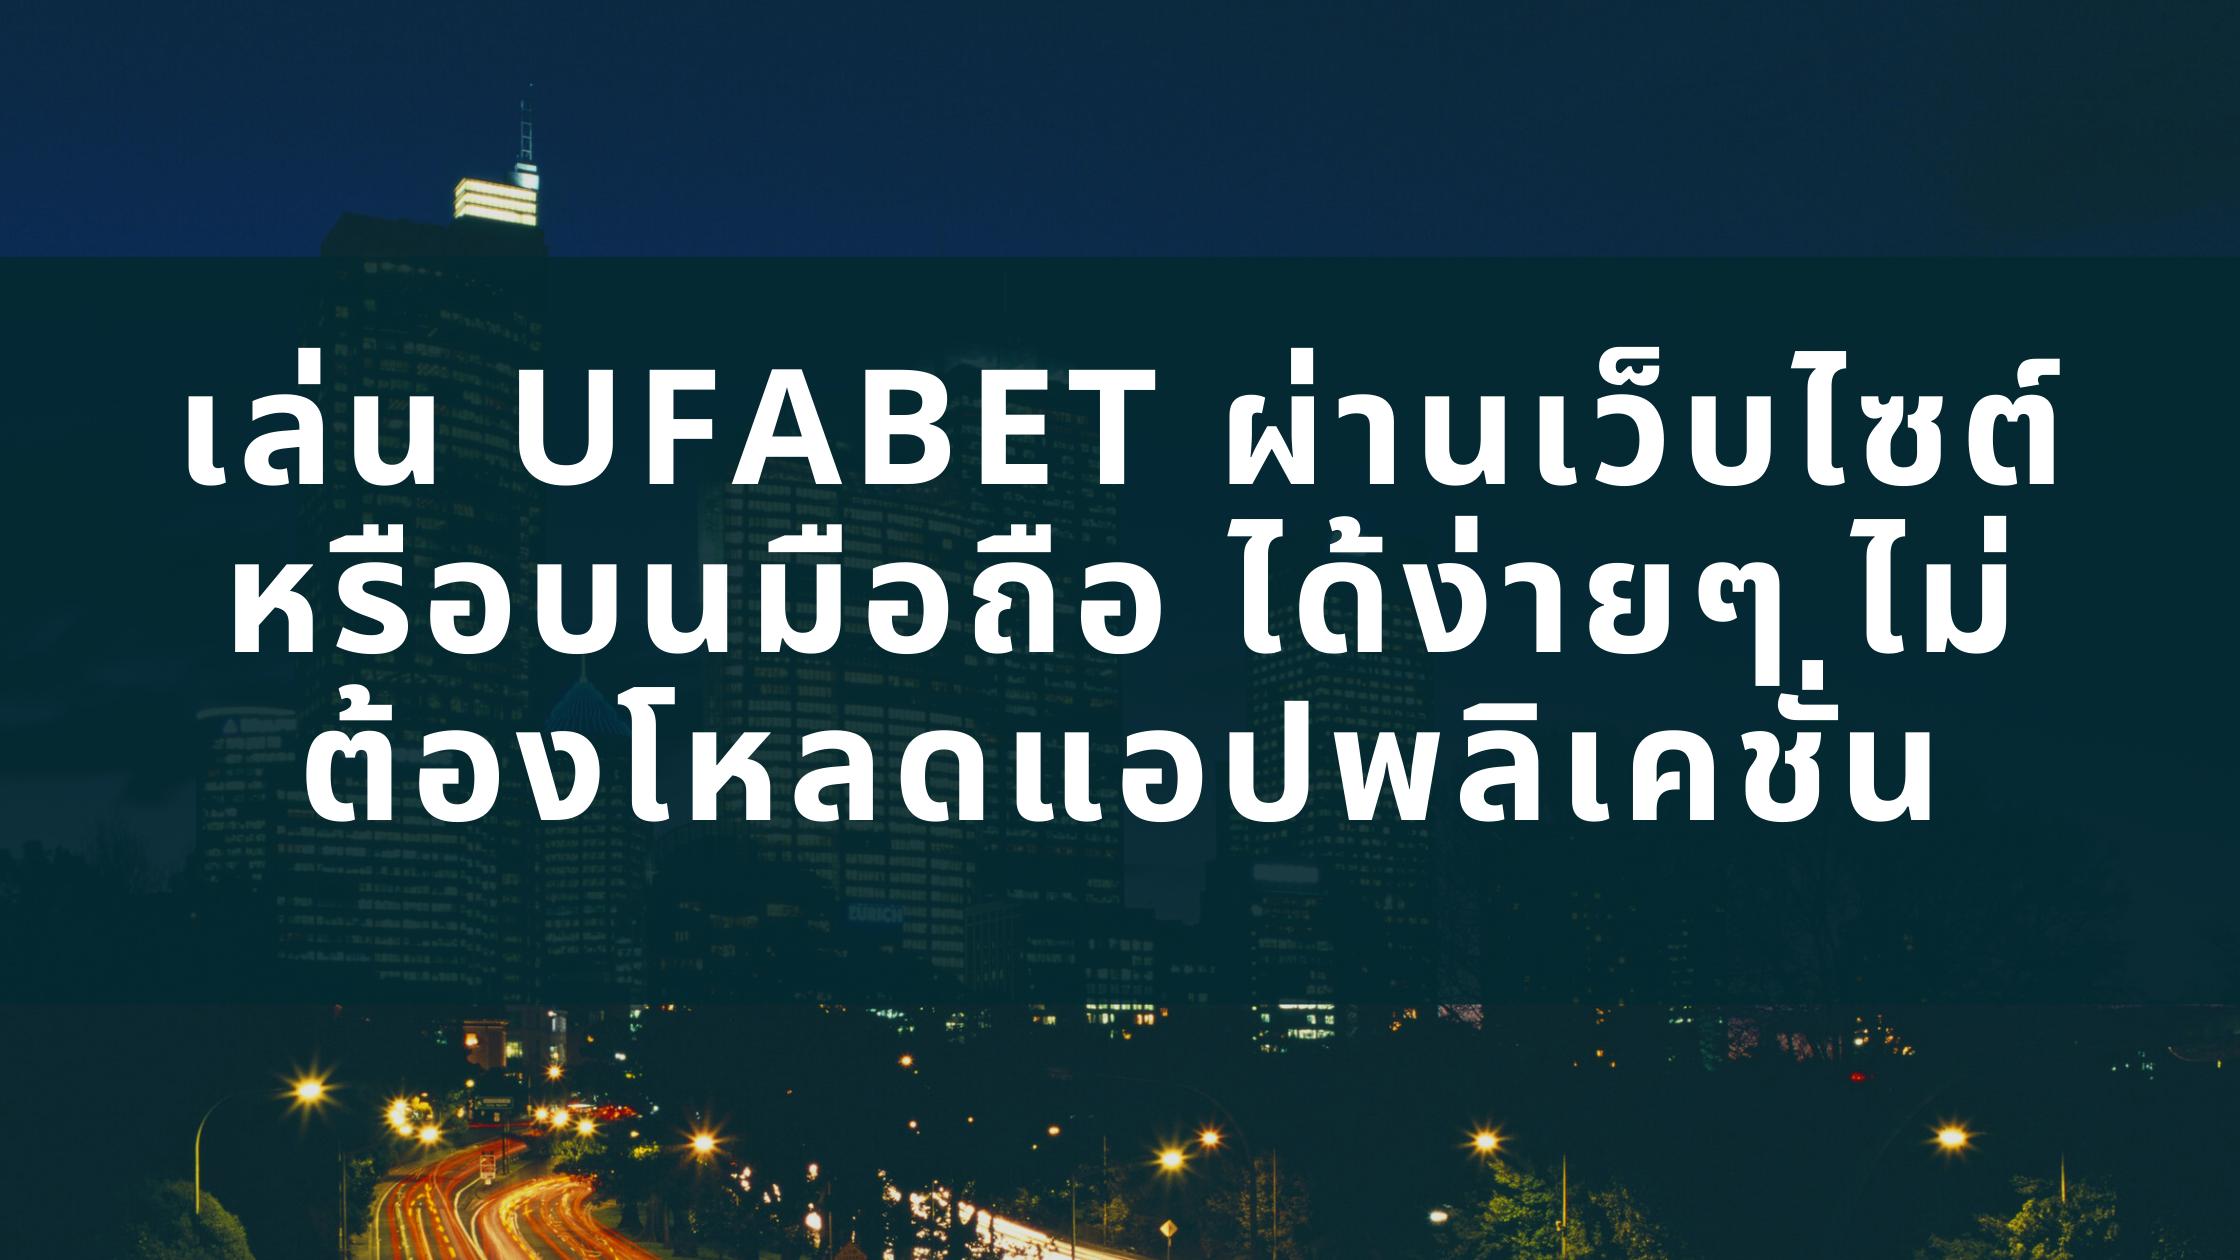 เล่น UFABETผ่านเว็บไซต์ หรือ บนมือถือ ได้ง่ายๆ ไม่ต้องโหลดแอปพลิเคชั่น